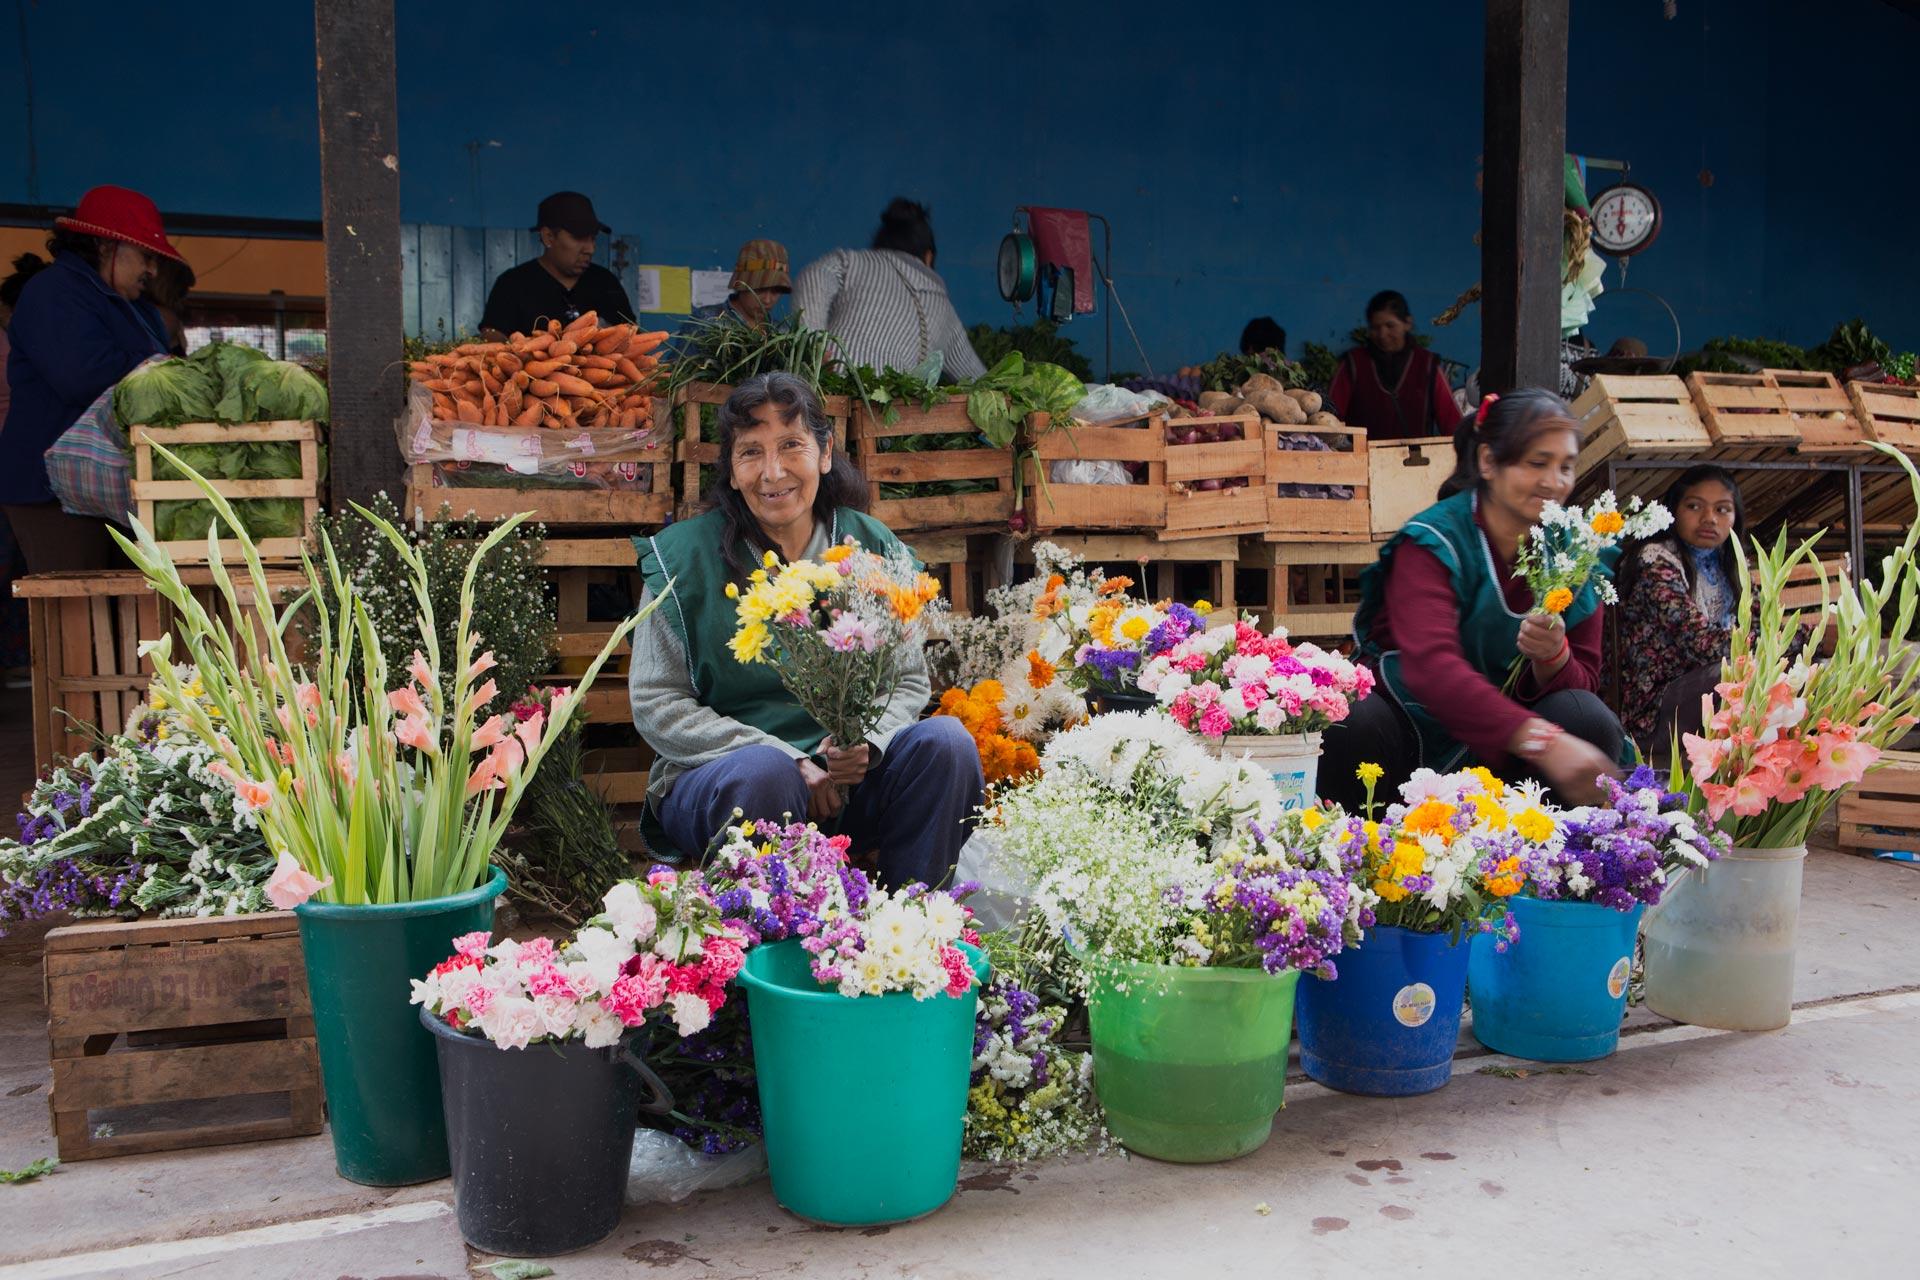 la florista Margarita y sus colegas